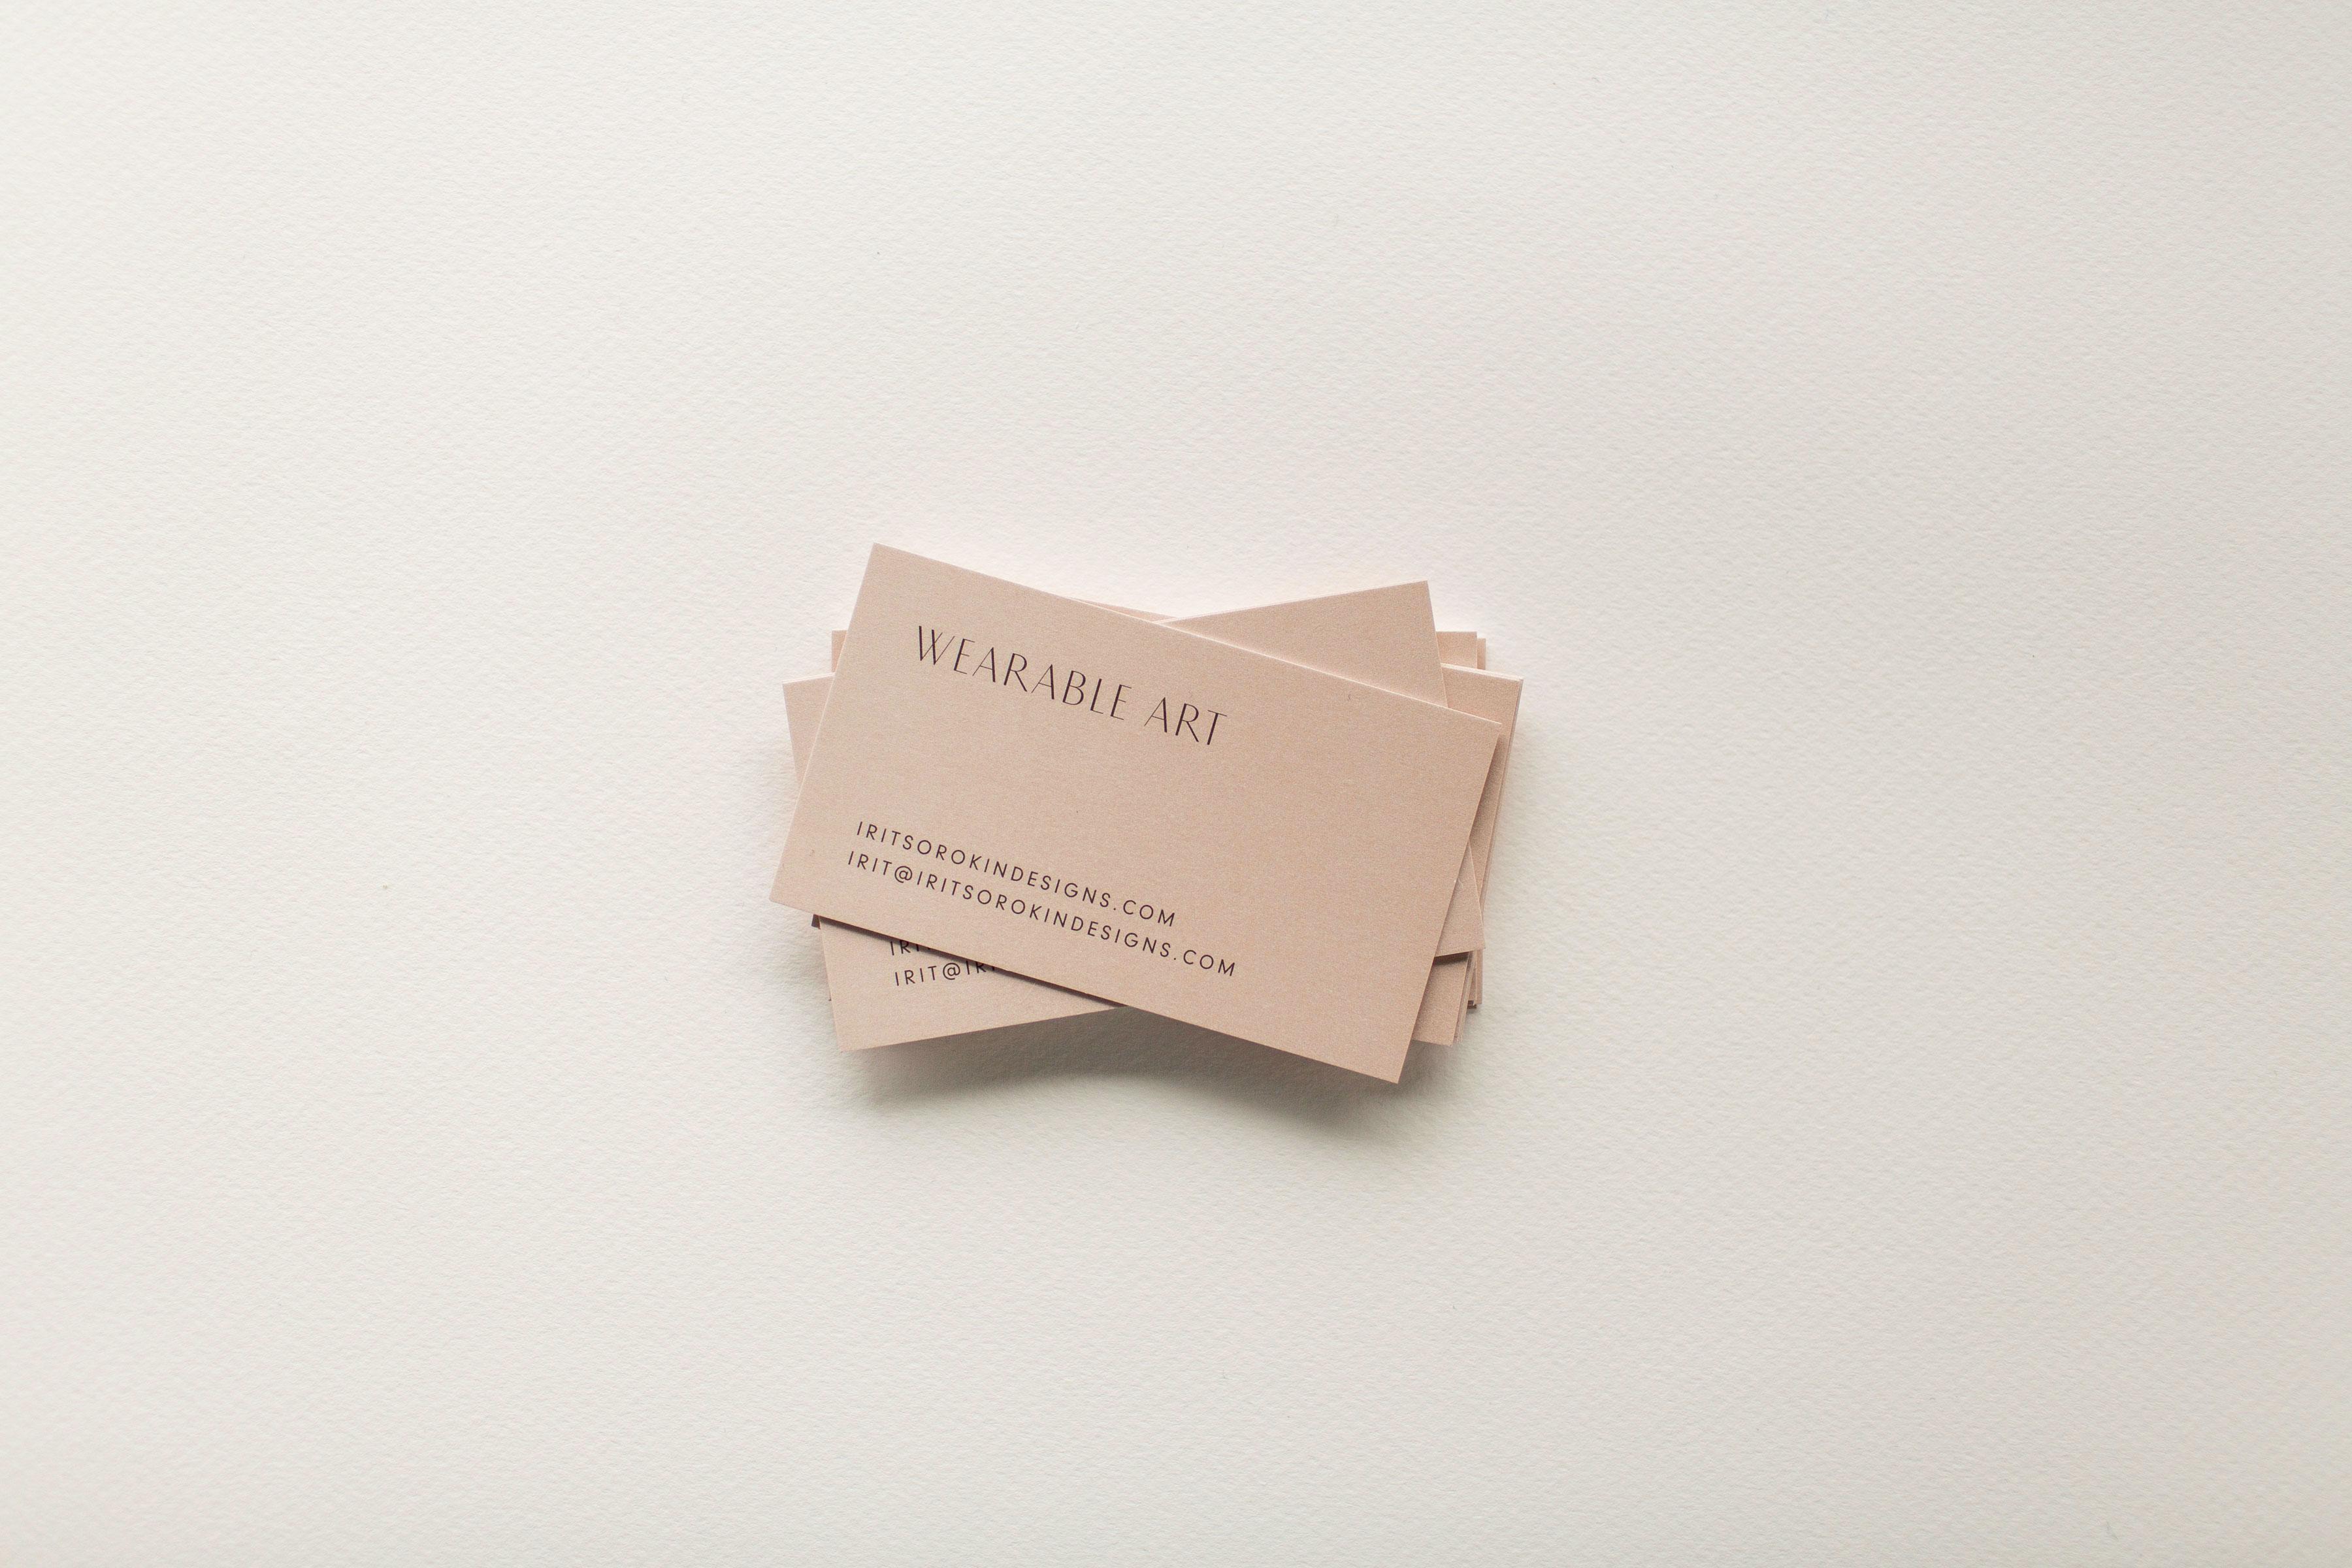 Irit Sorokin Branding, Logo Design and Business Card Design   www.alicia-carvalho.com